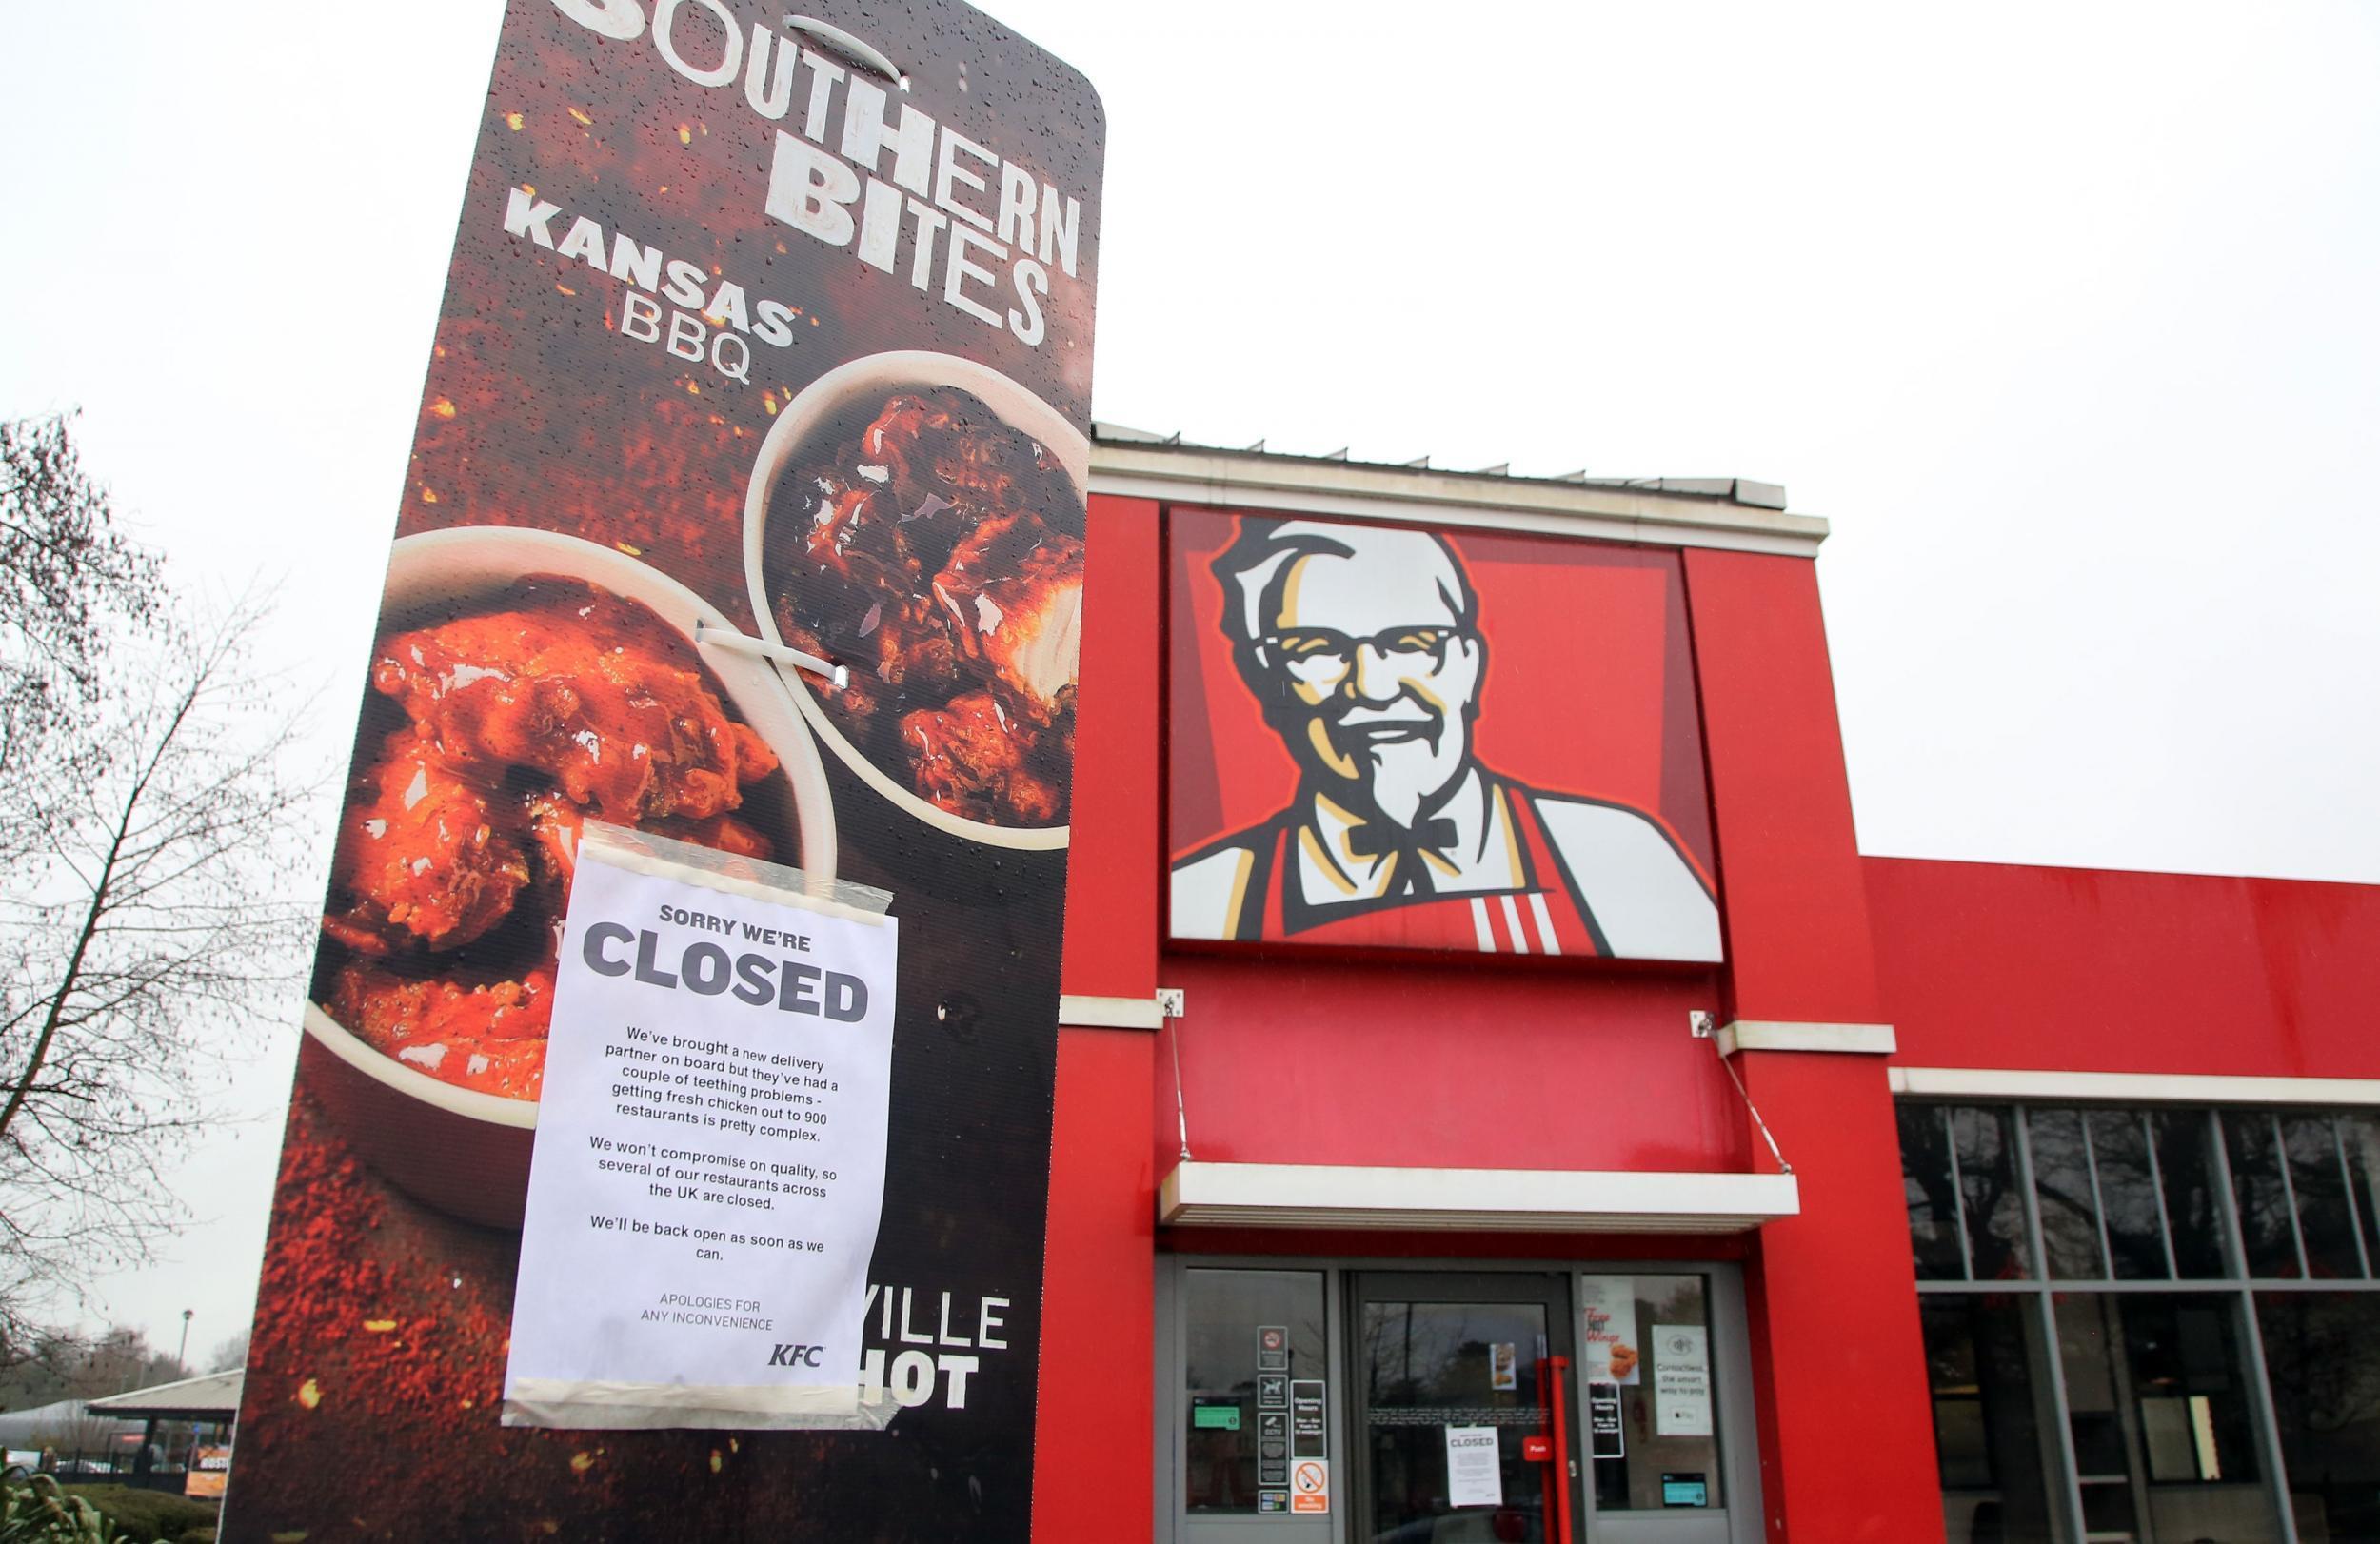 """The Independent' egunkariko argazkian, KFC kateak Bristolen daukan jatetxe bat bezeroentzako ohar hau erakutsiz: """"Barkatu, itxita gaude"""". Hondamendi handia jasan duen arren, marketin adituek diote KFCk oilaskoen krisiari umorean oinarrituta komunikazio al"""